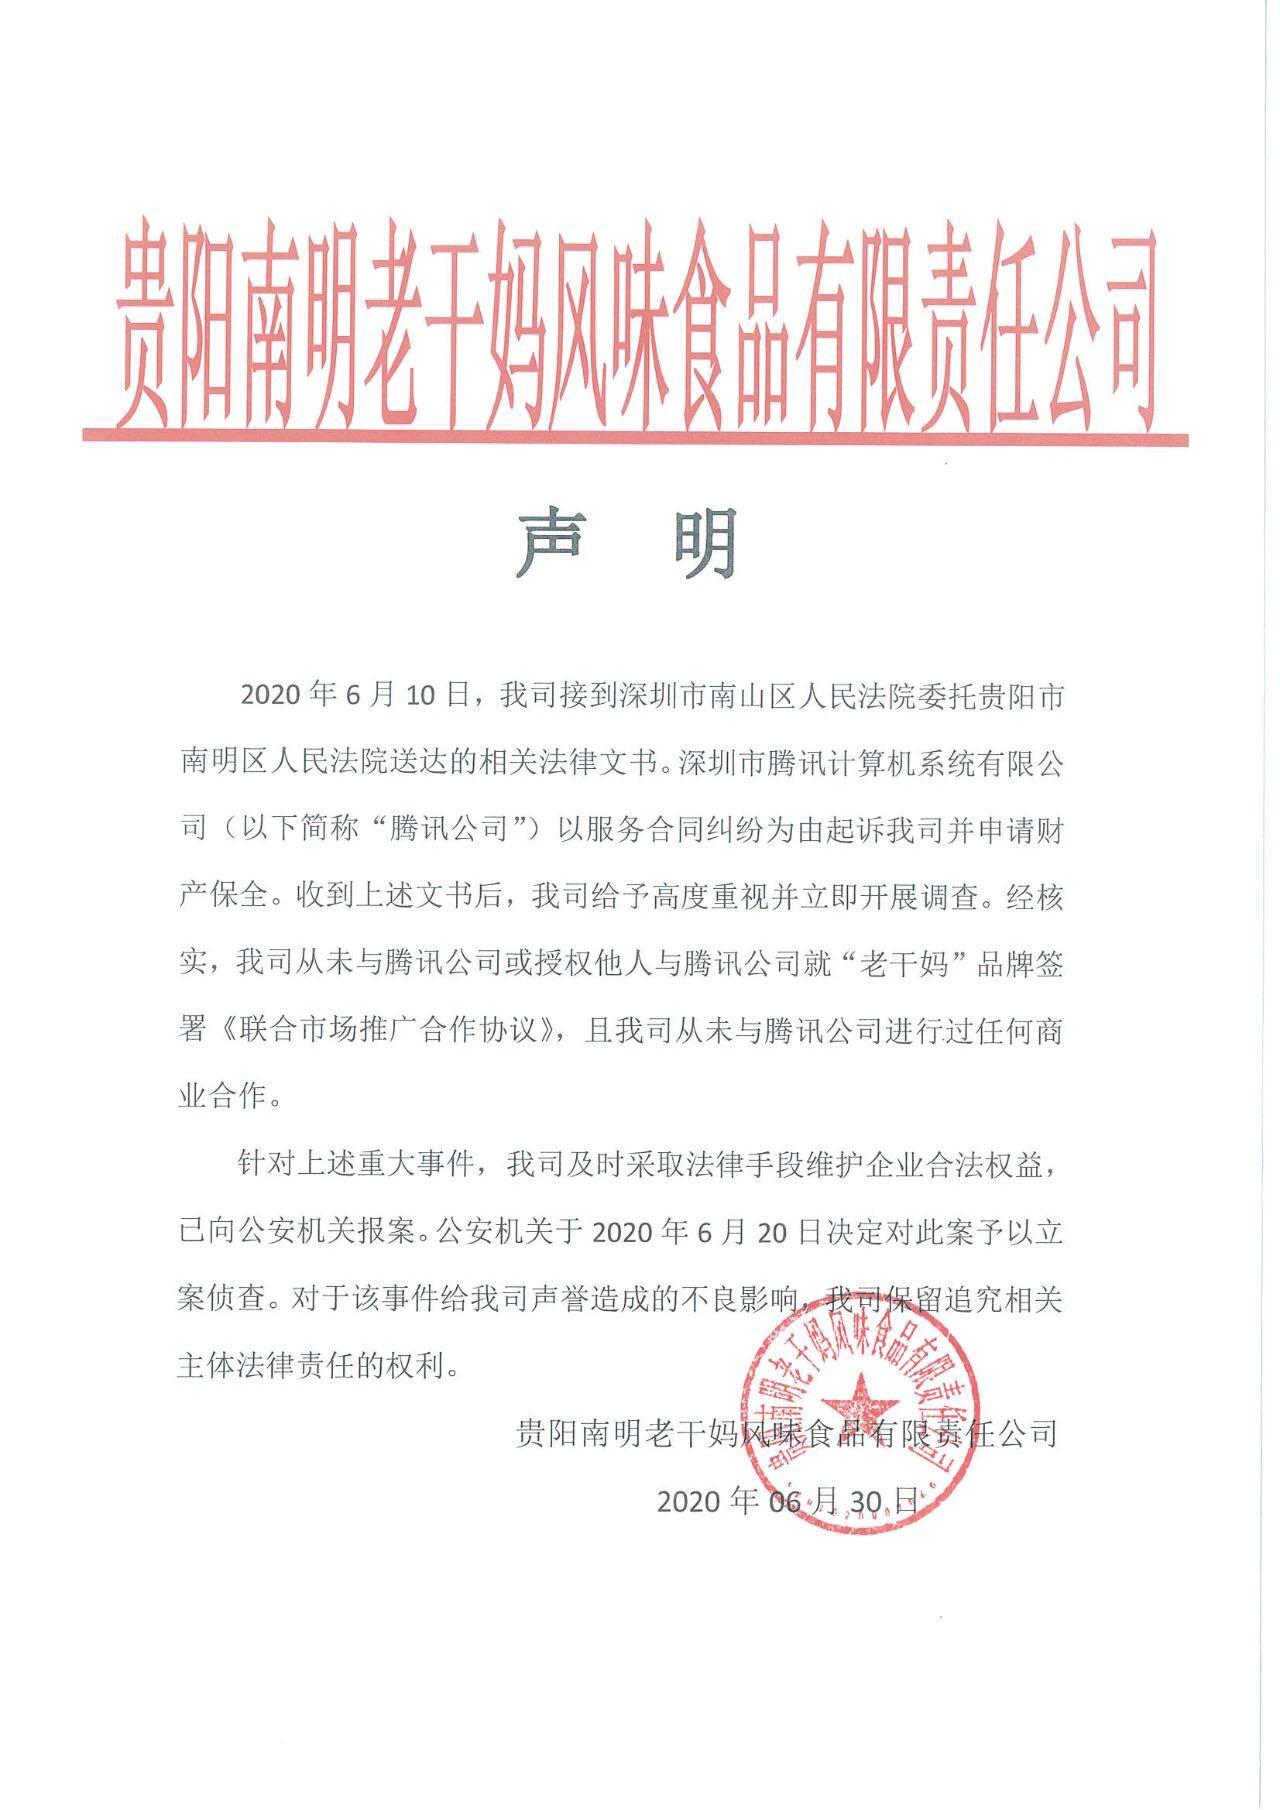 老干妈发布声明:从未与腾讯公司进行过任何商业合作